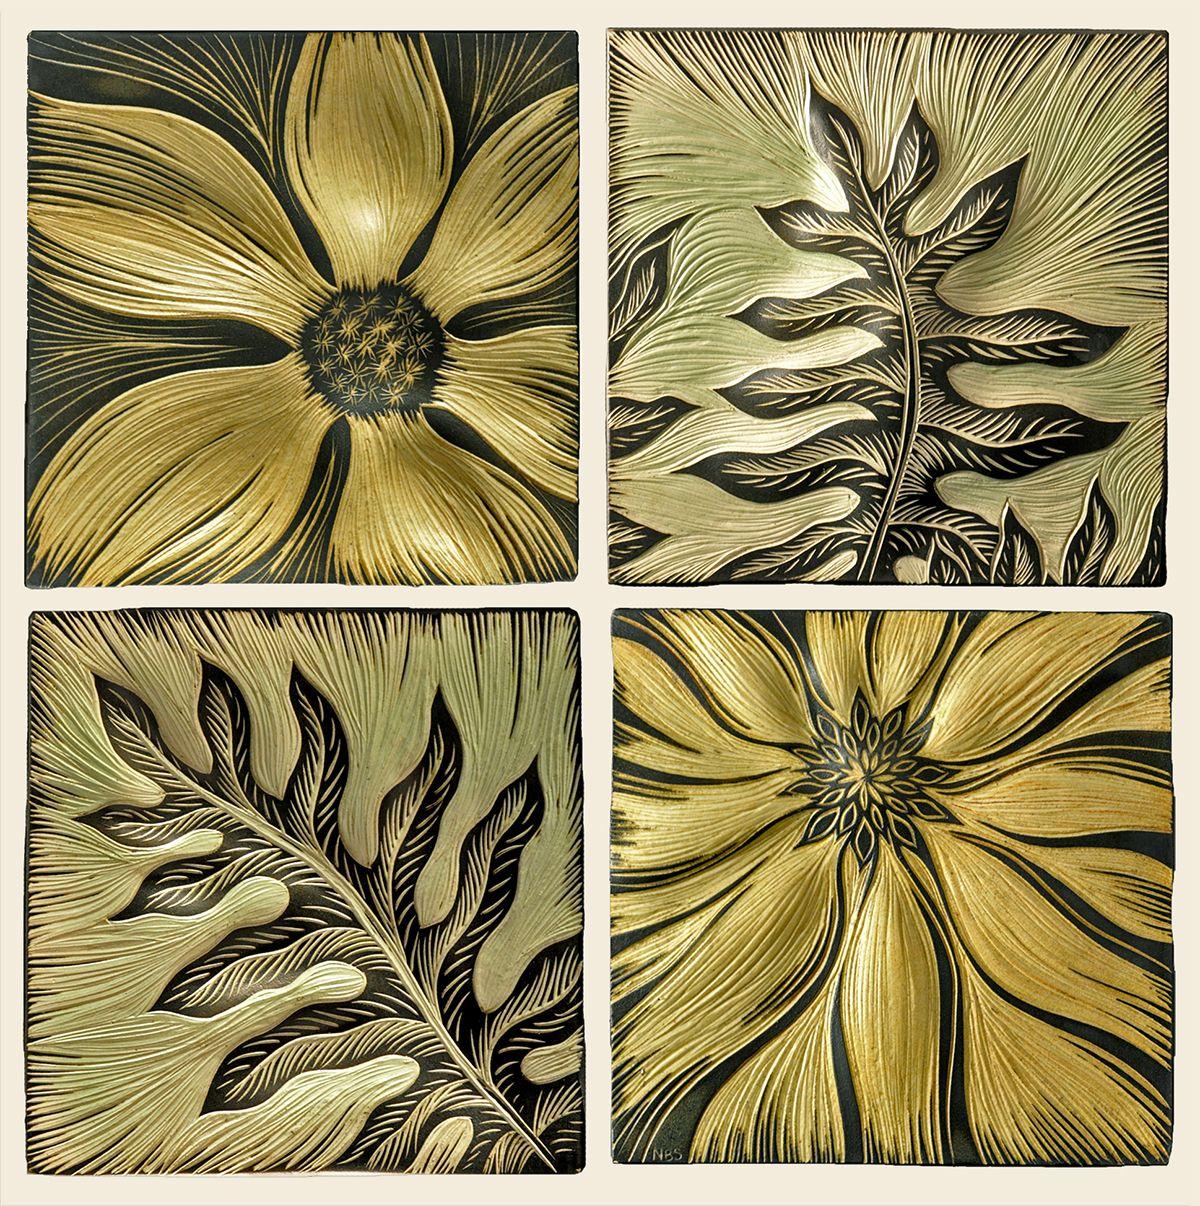 Flowers and Ferns handmade sgraffito carved custom porcelain tiles ...